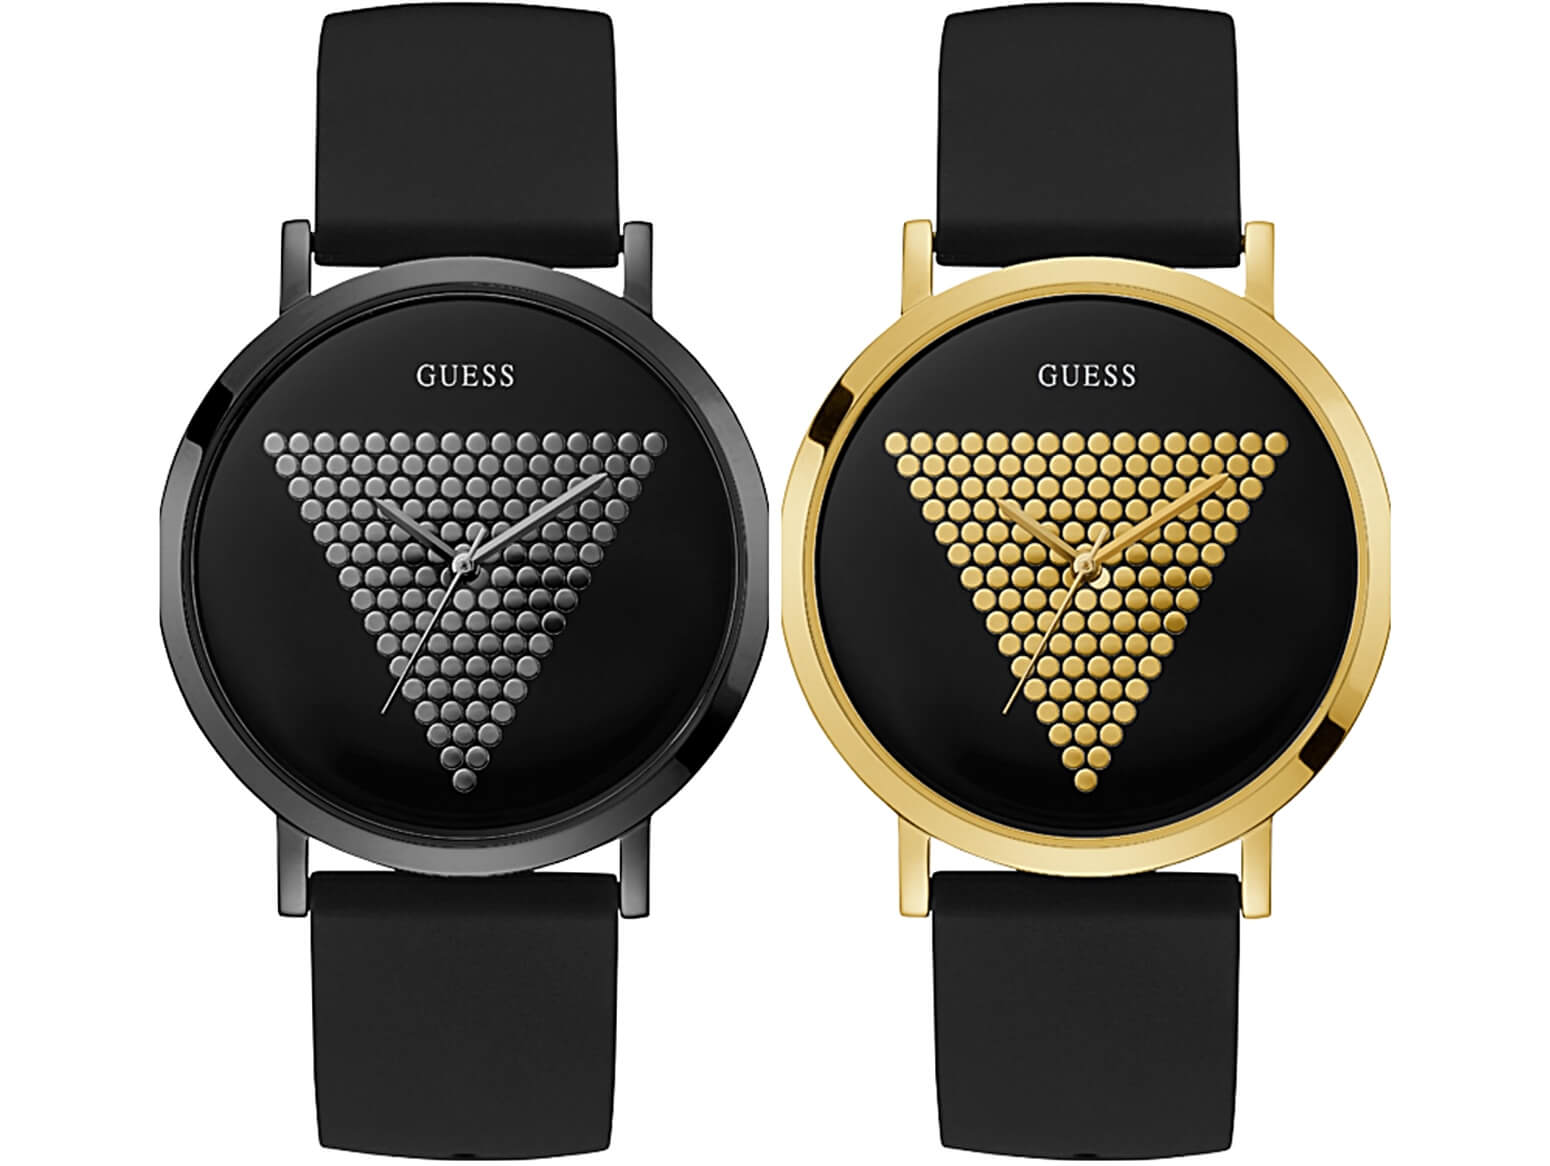 67c560be24b4d Logomania w damskich zegarkach GUESS - Zegarki i Moda